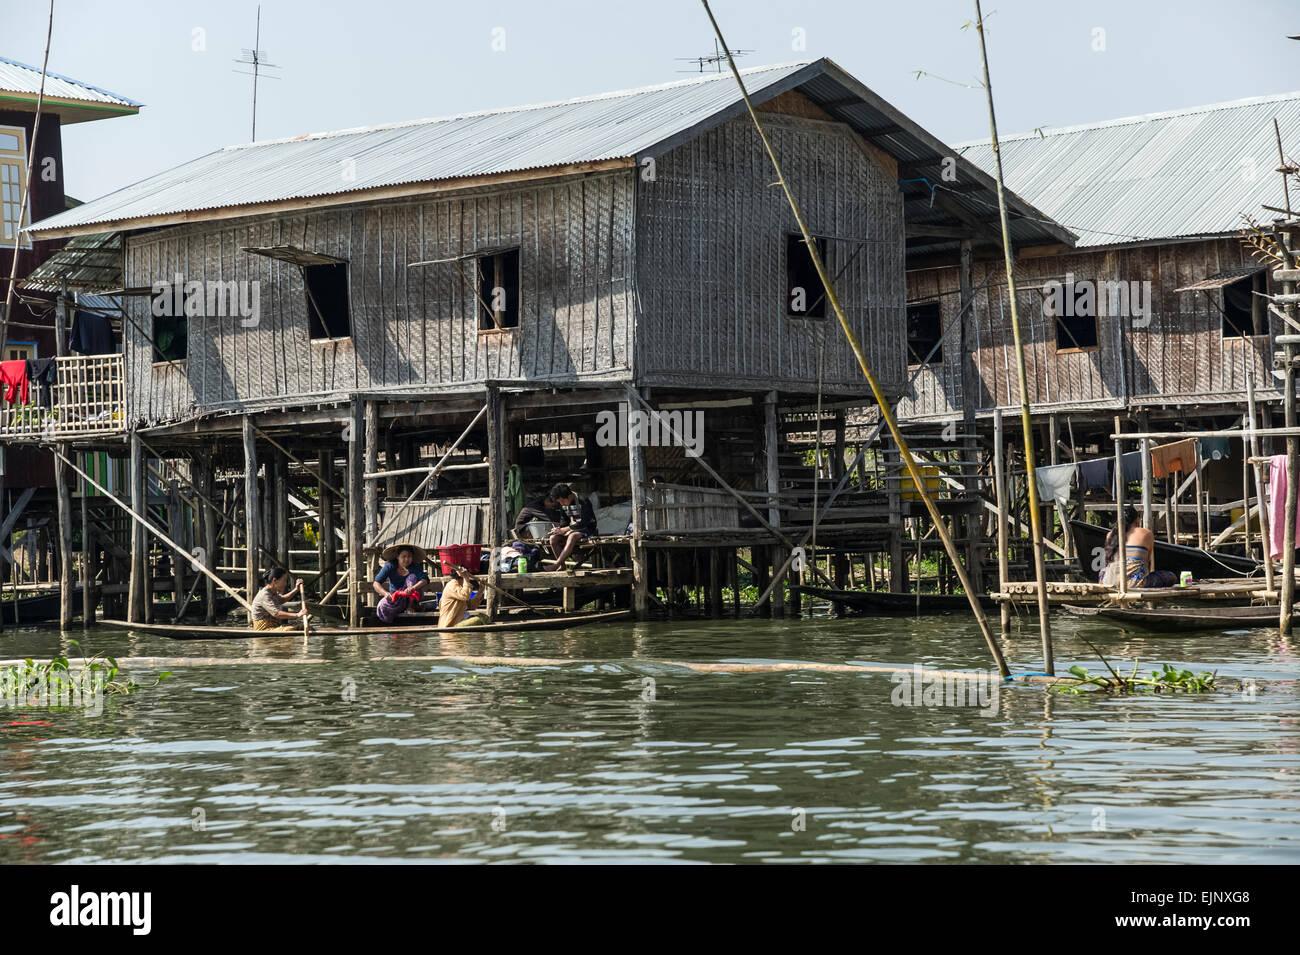 Scene from Inle Lake, stilt houses - Stock Image